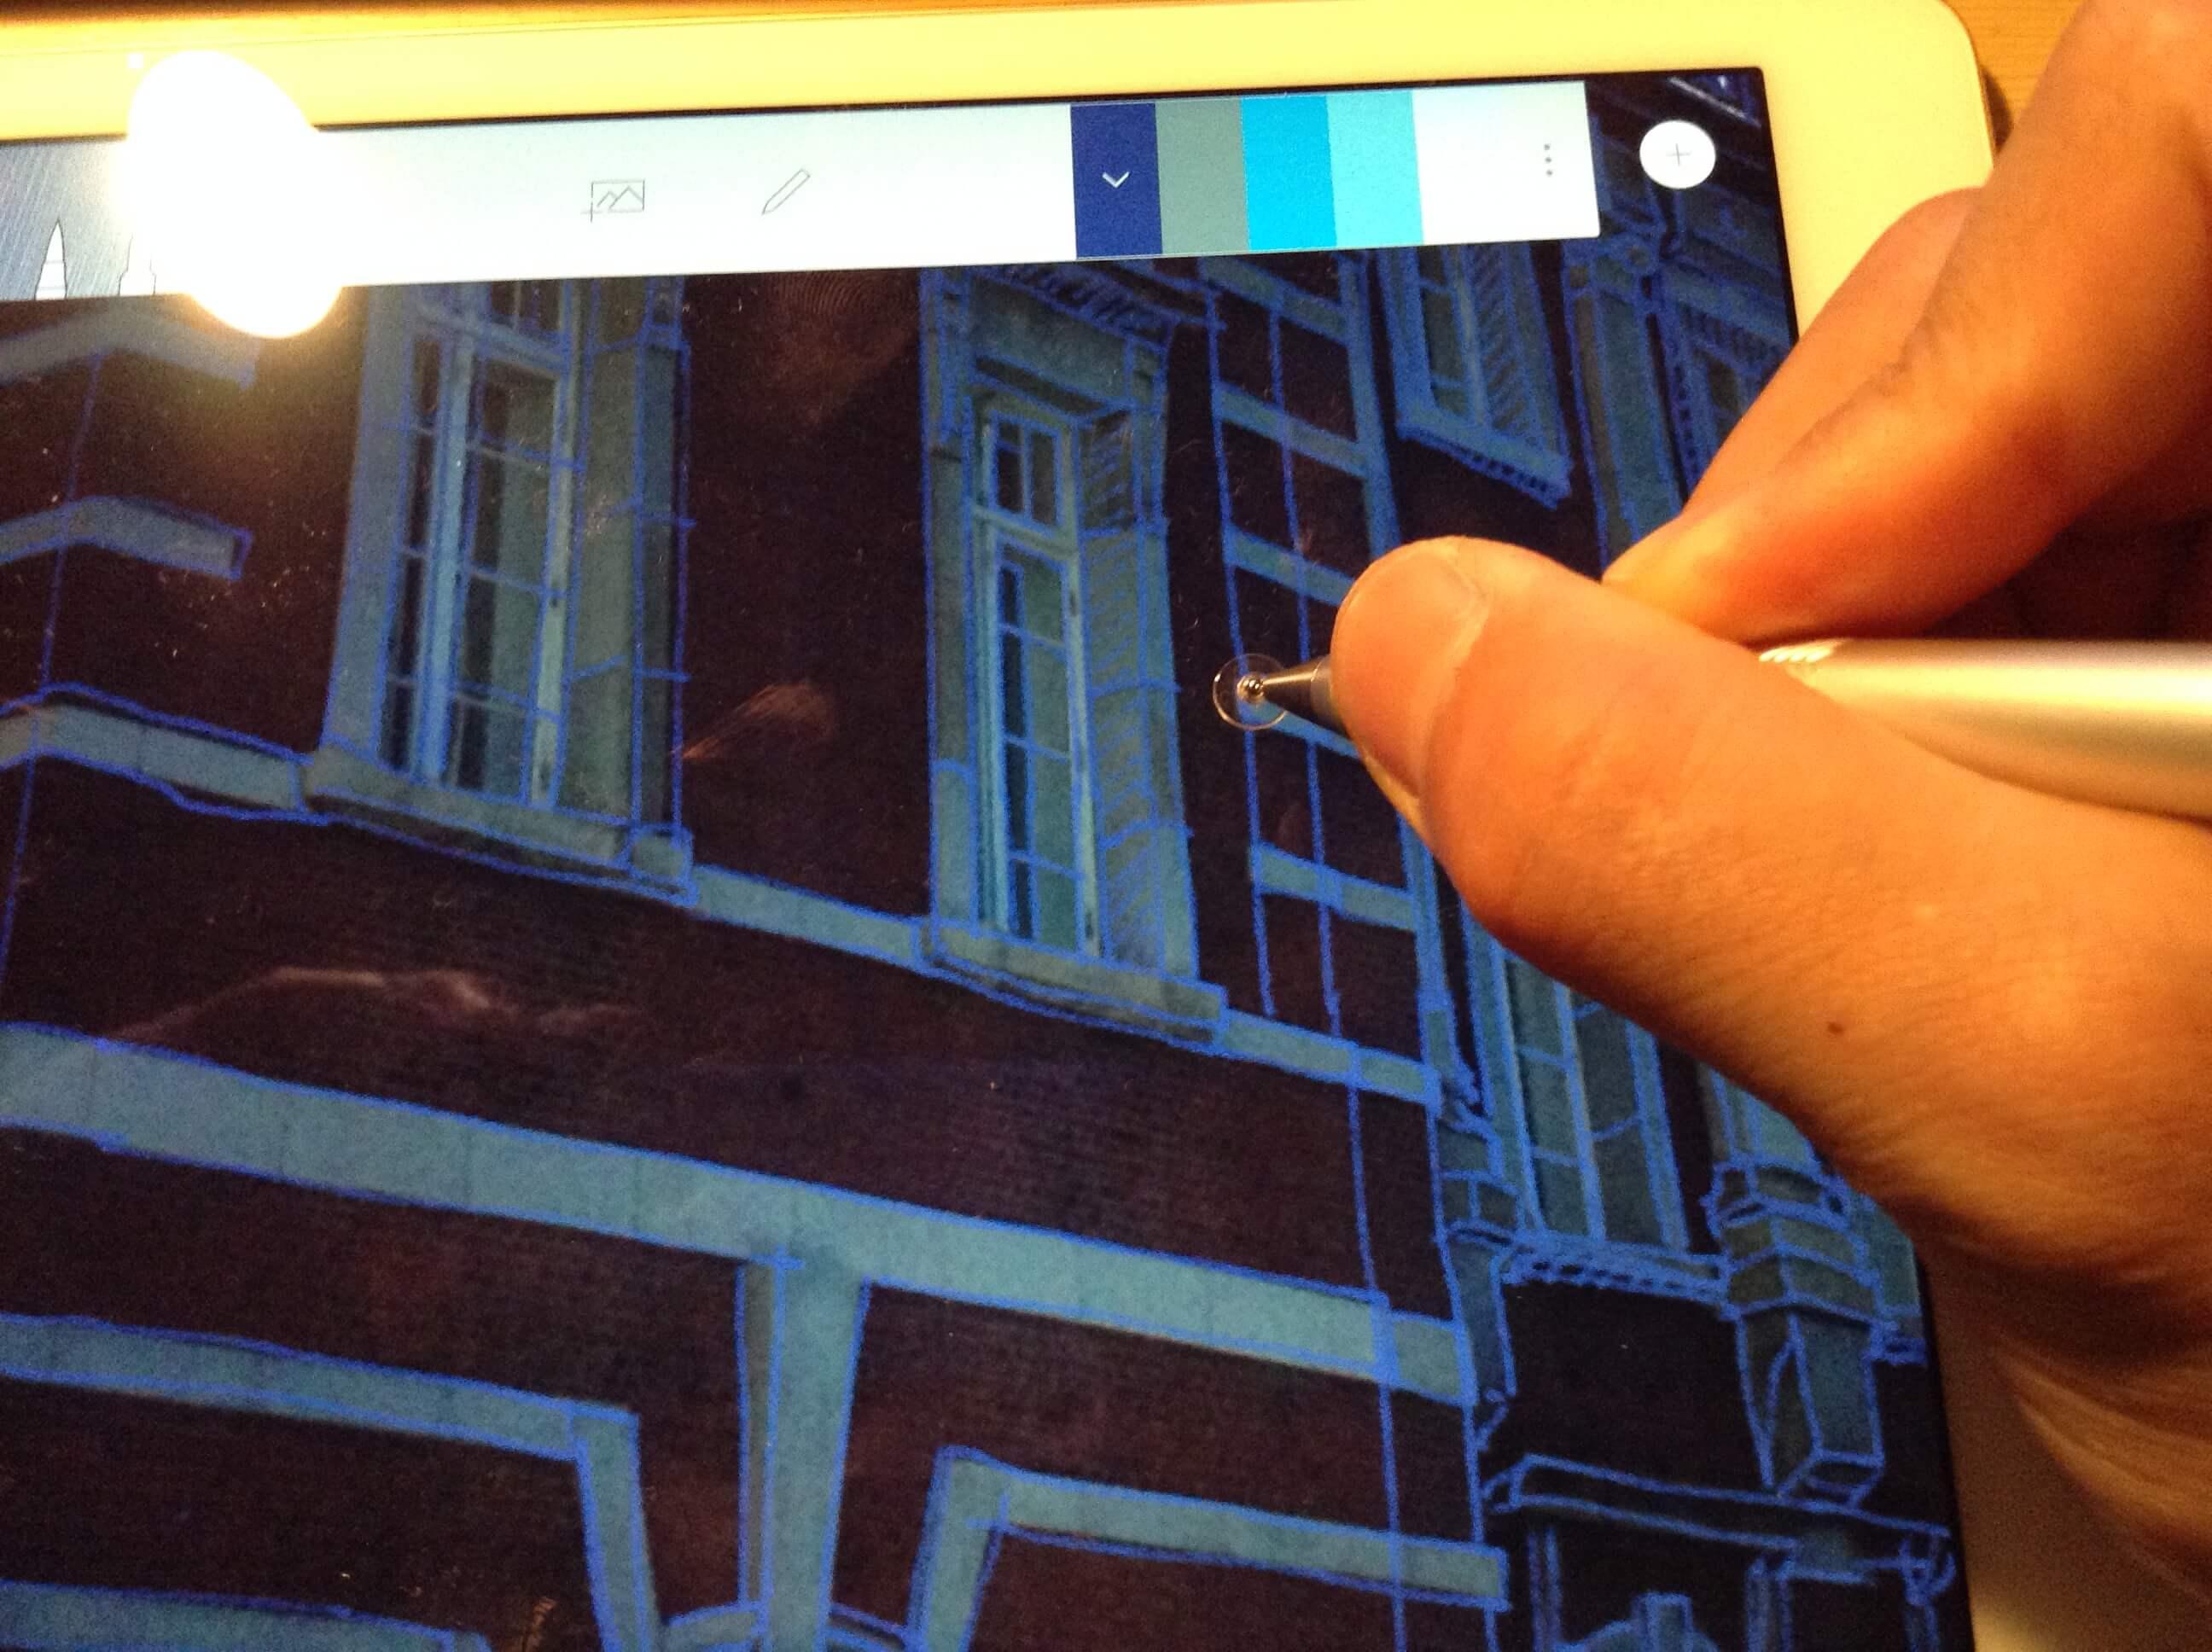 【iPadでお絵かき】スタイラスペン「Adonit Jot Pro 2.0」でなぞり描きが楽しくなる